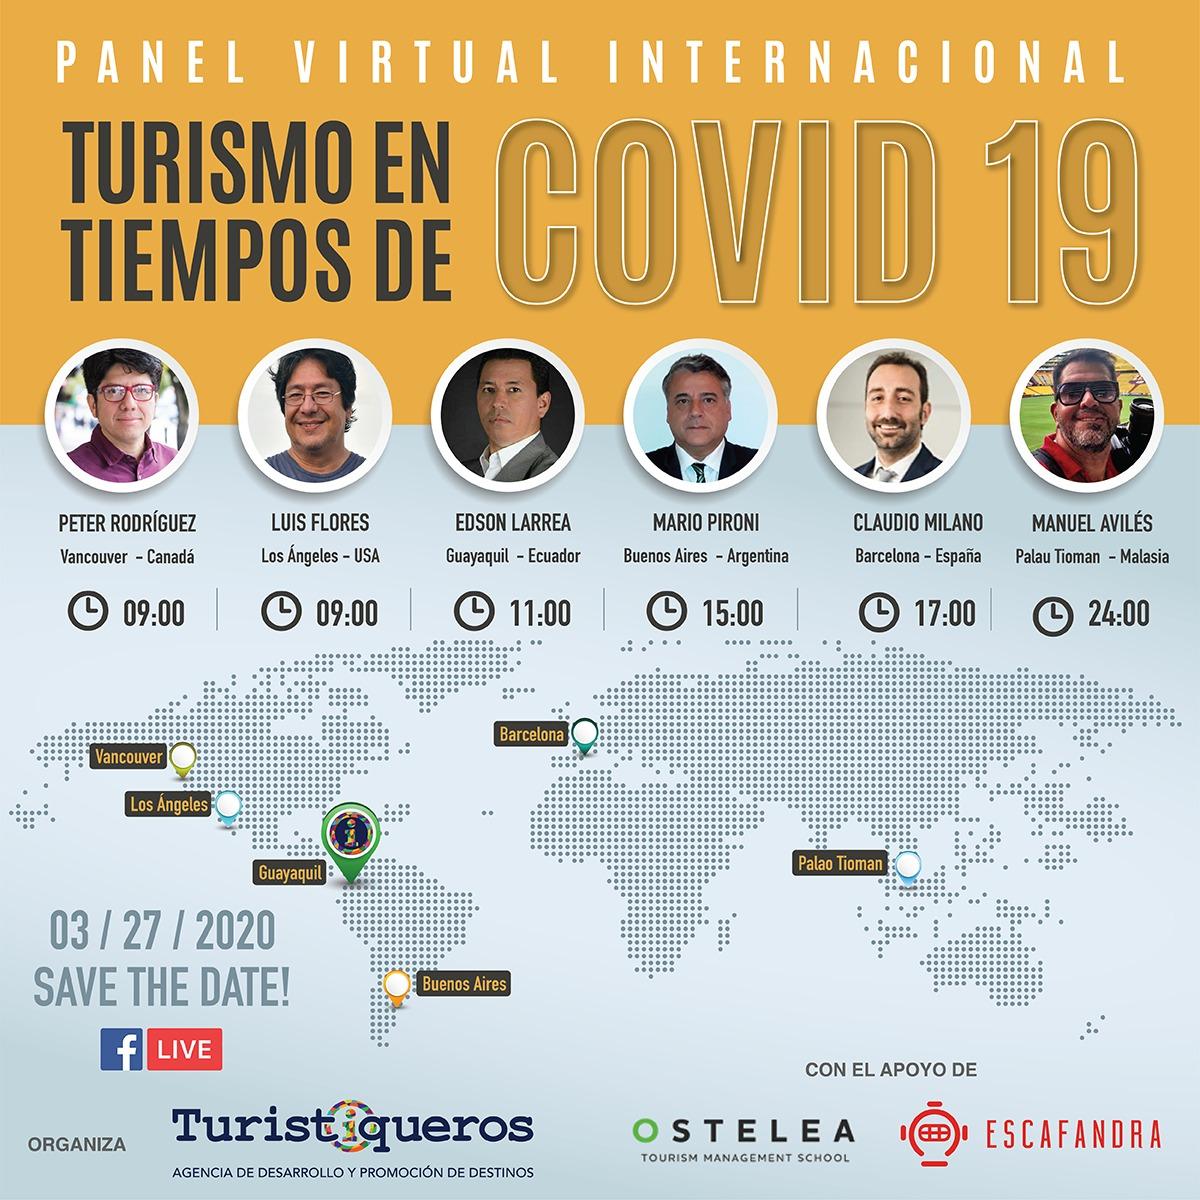 Participantes del panel virtual sobre turismo en epocas de COVID 19